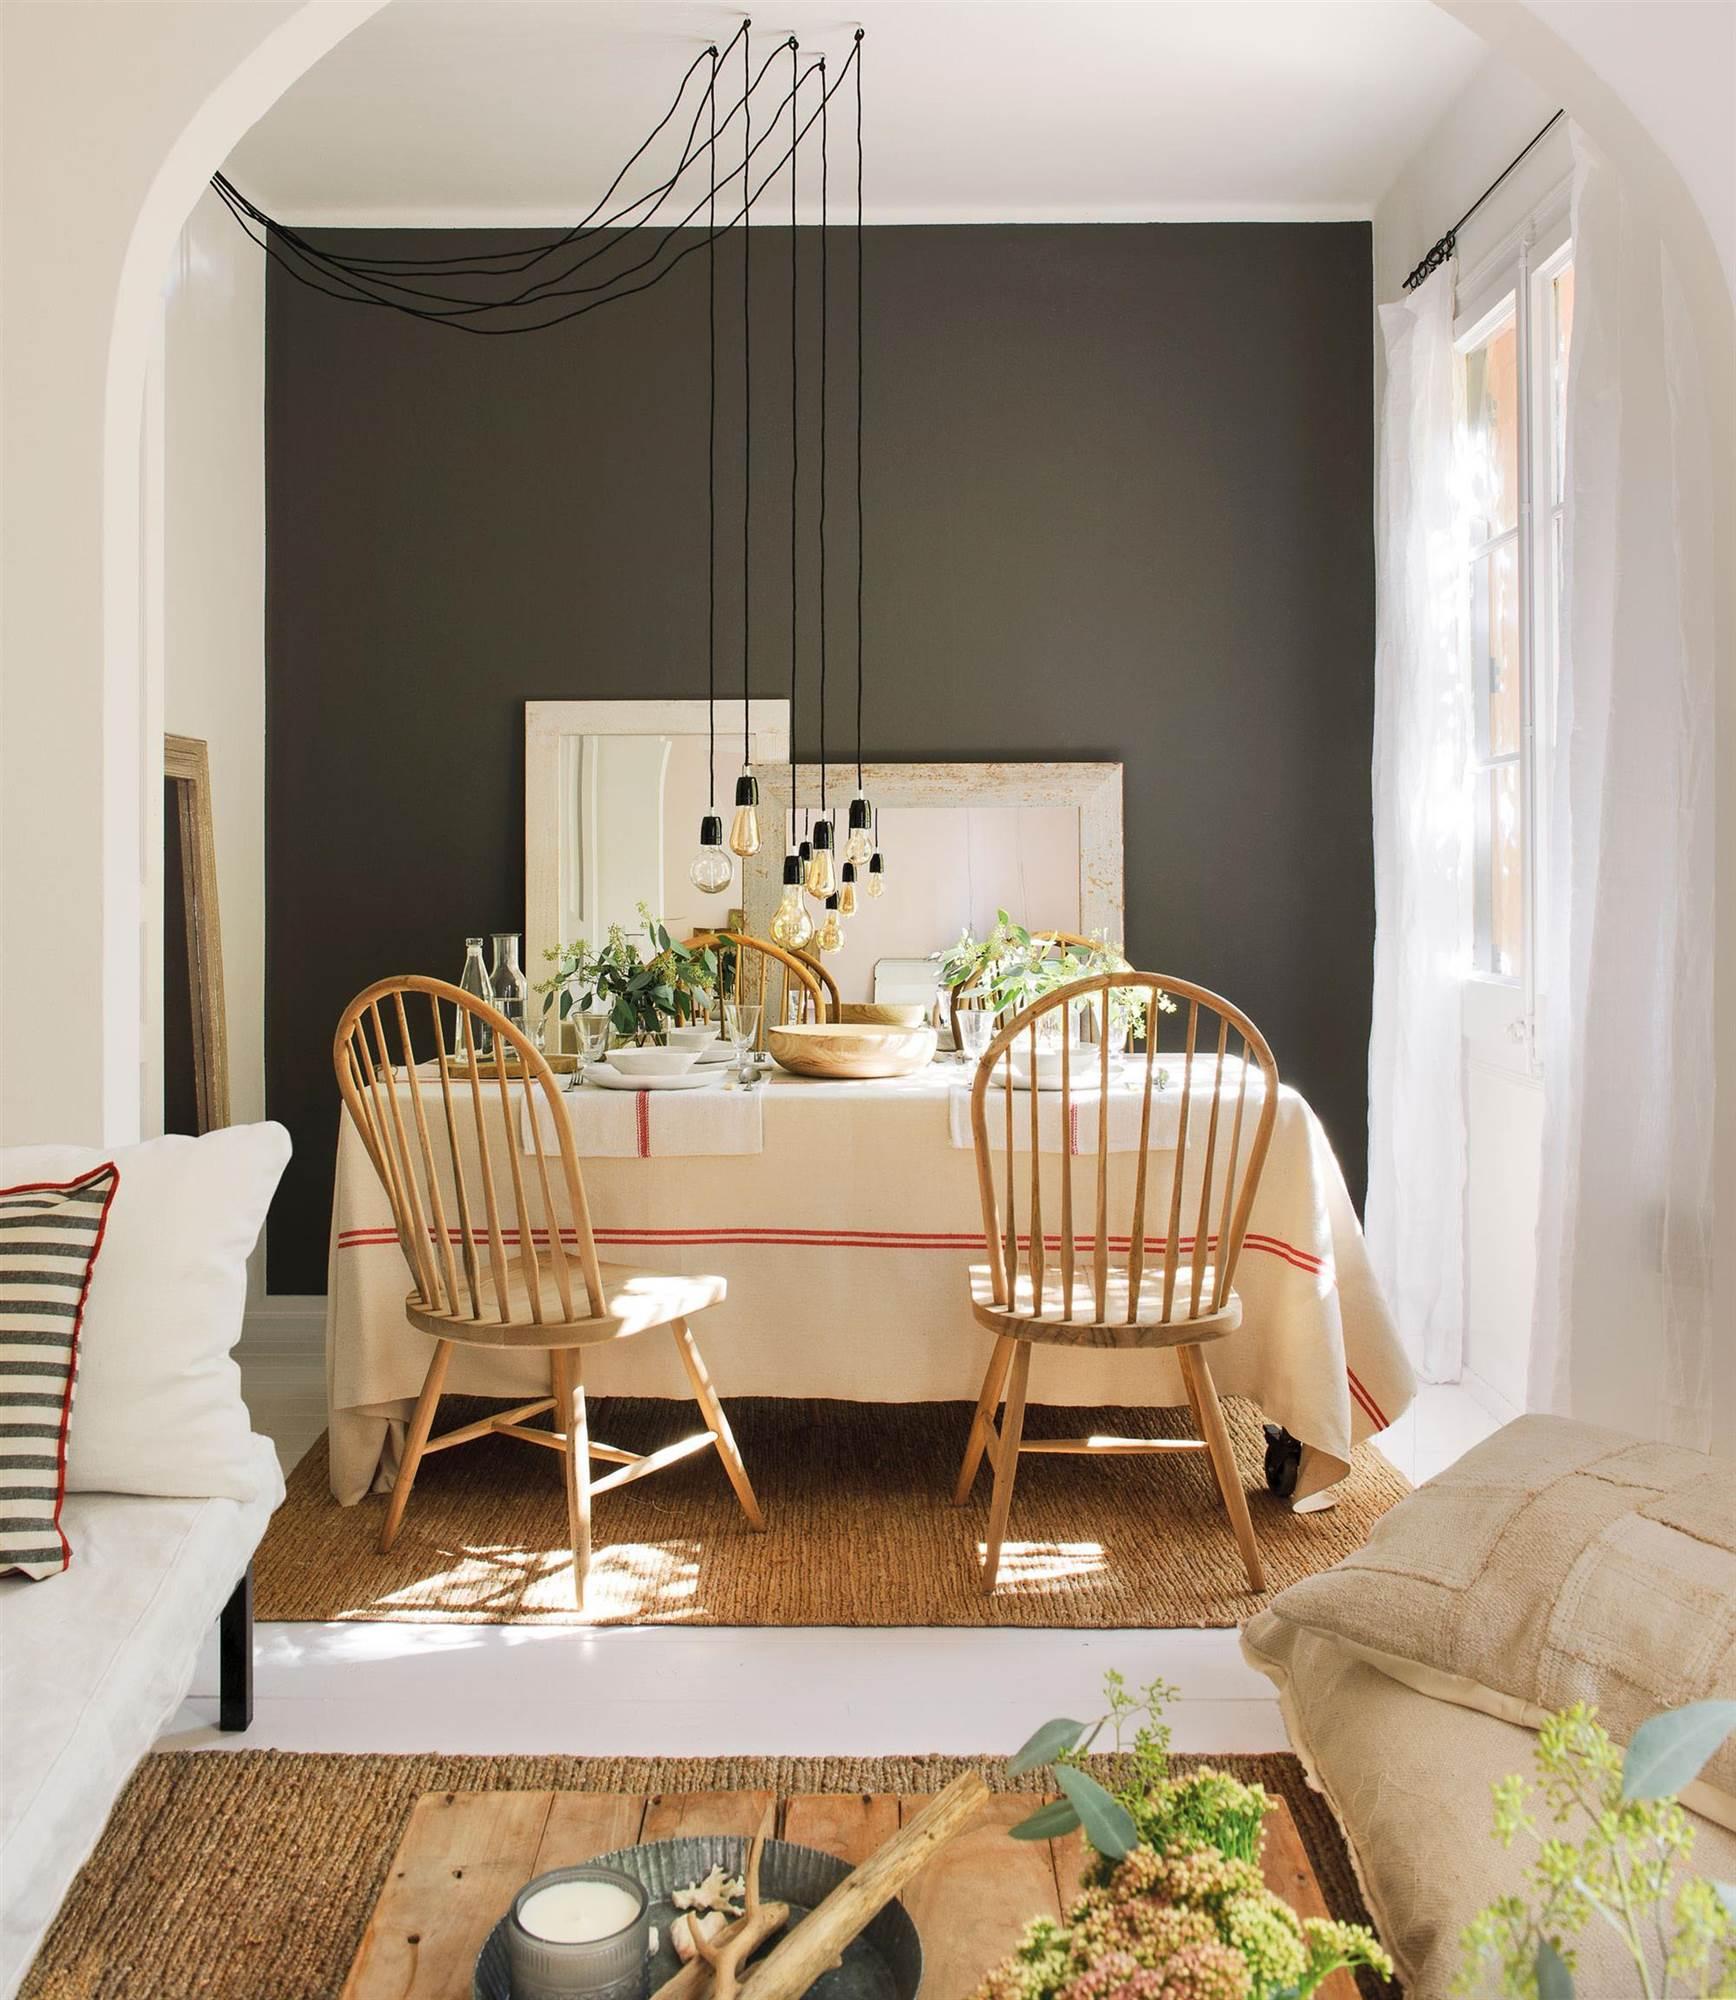 comedor con pared pintada de negro_ESCORPIO-00451210